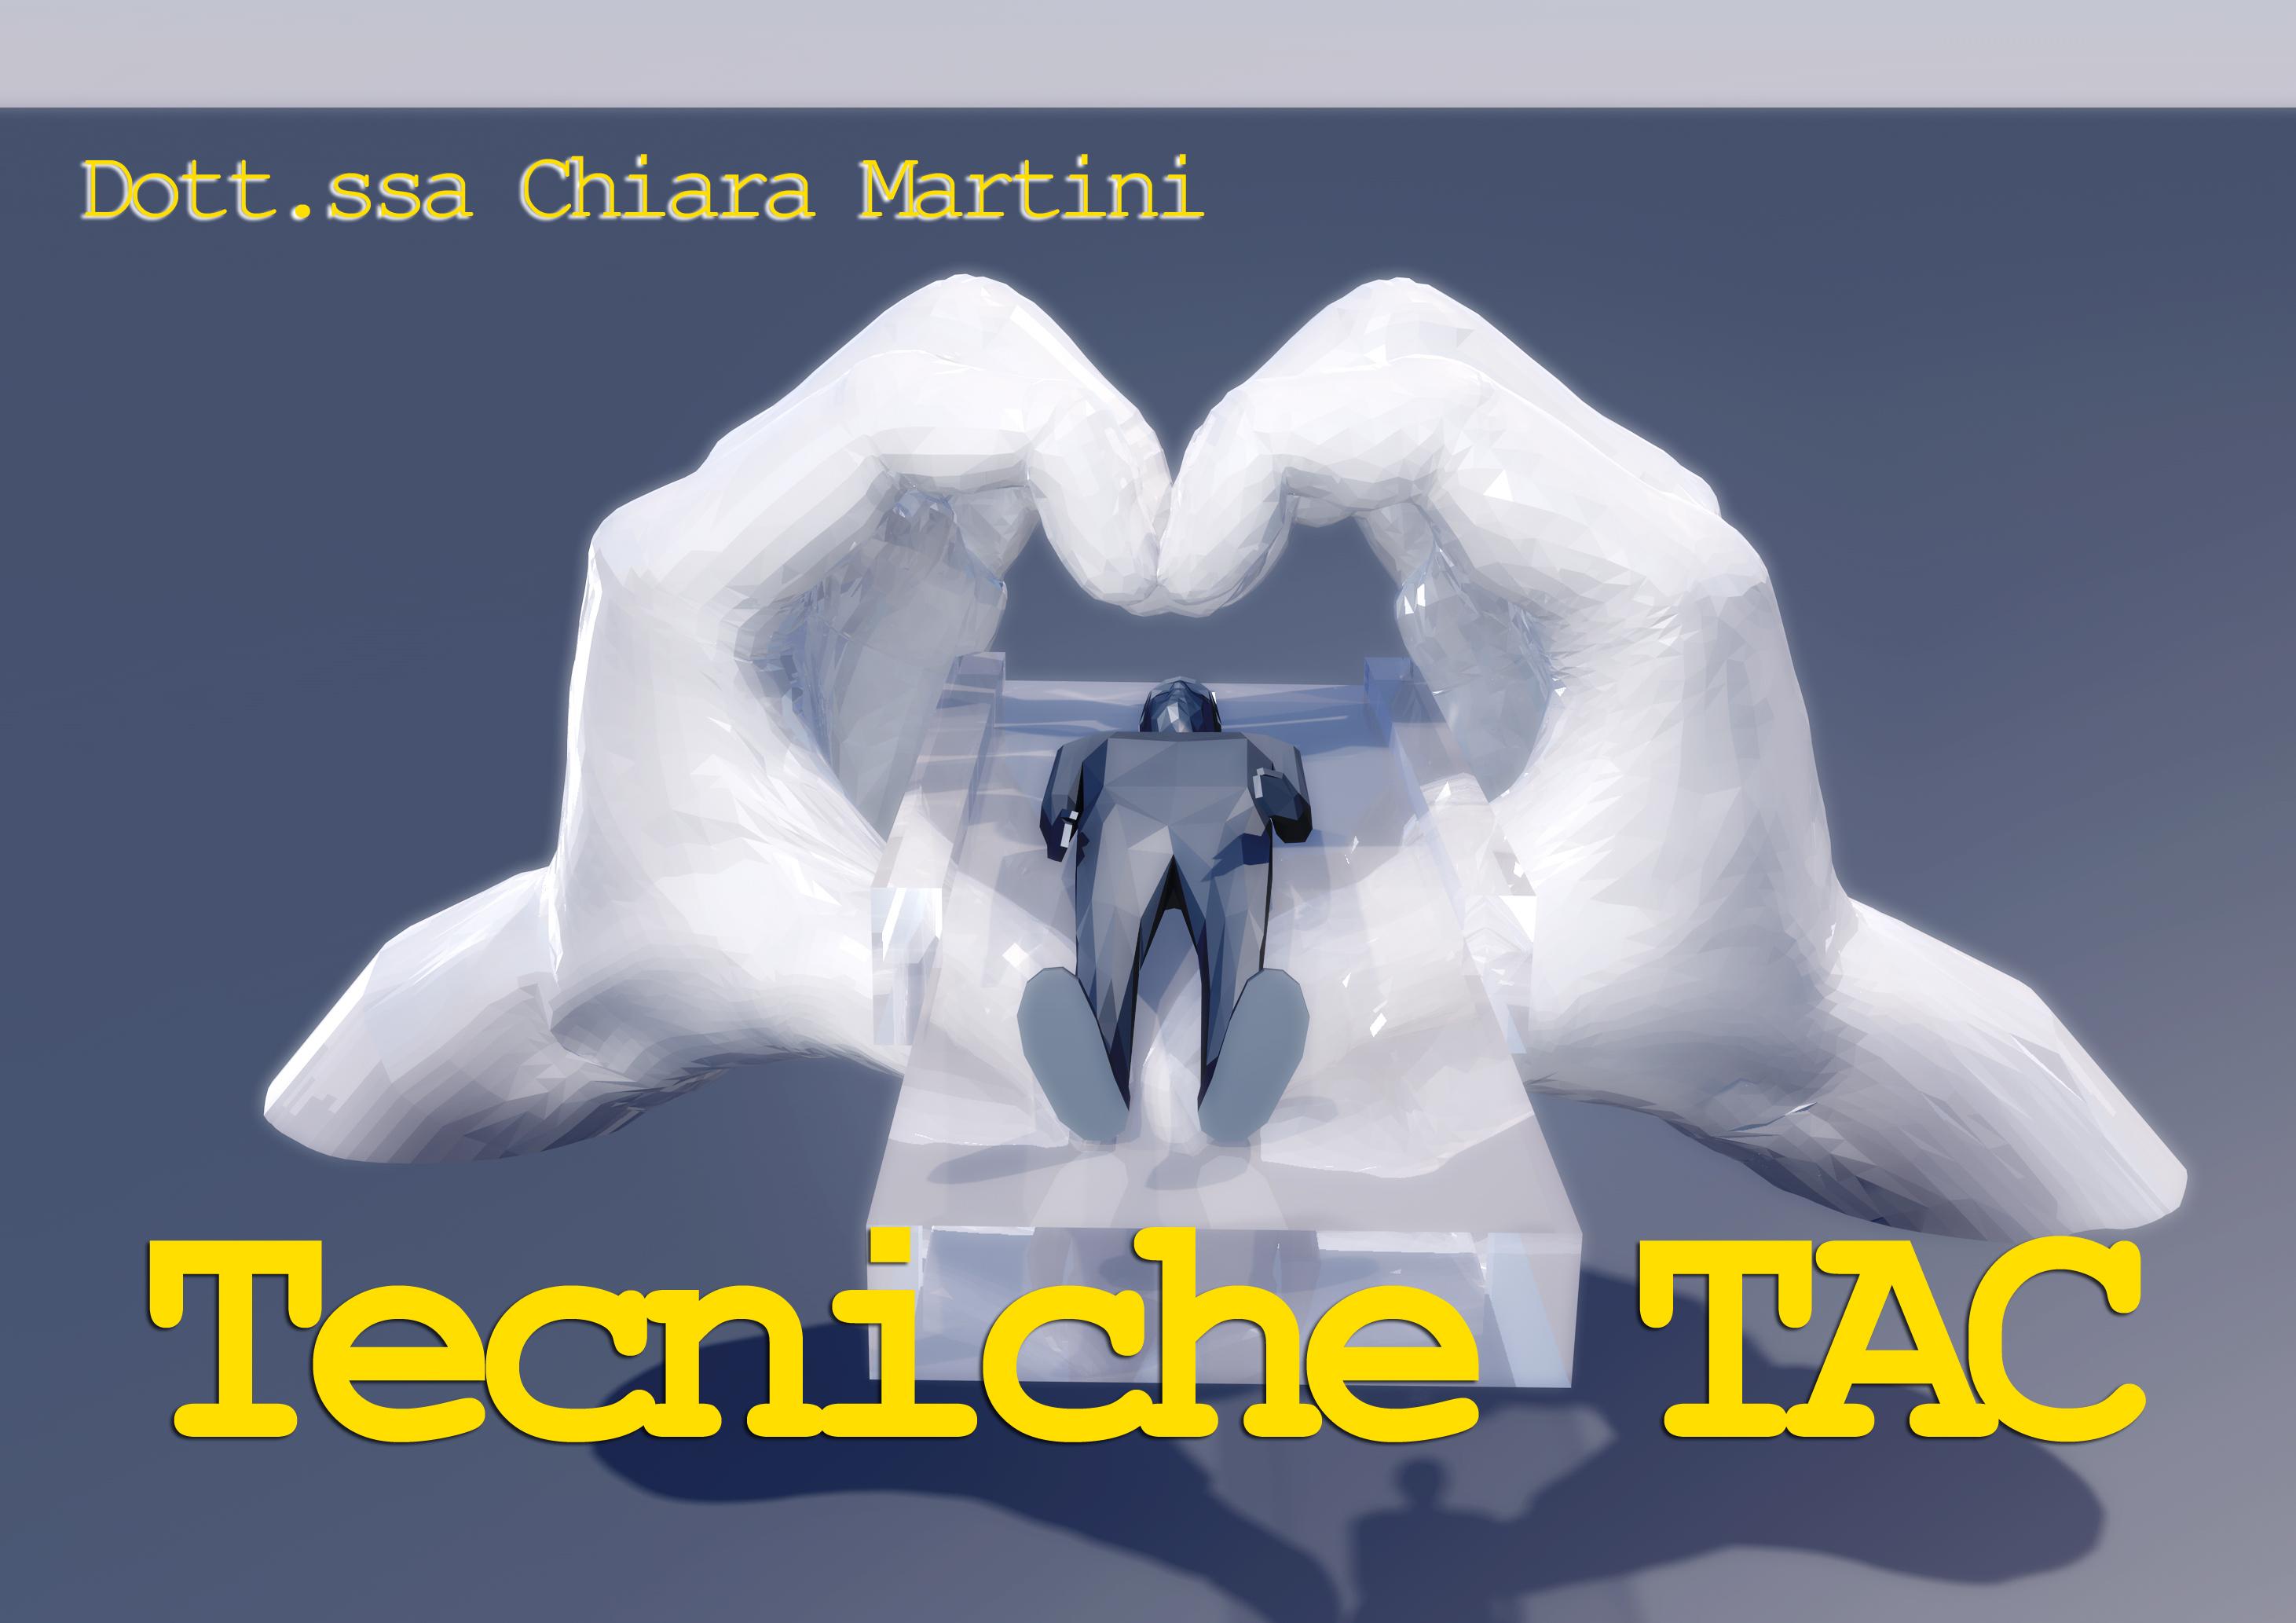 Tecniche TAC